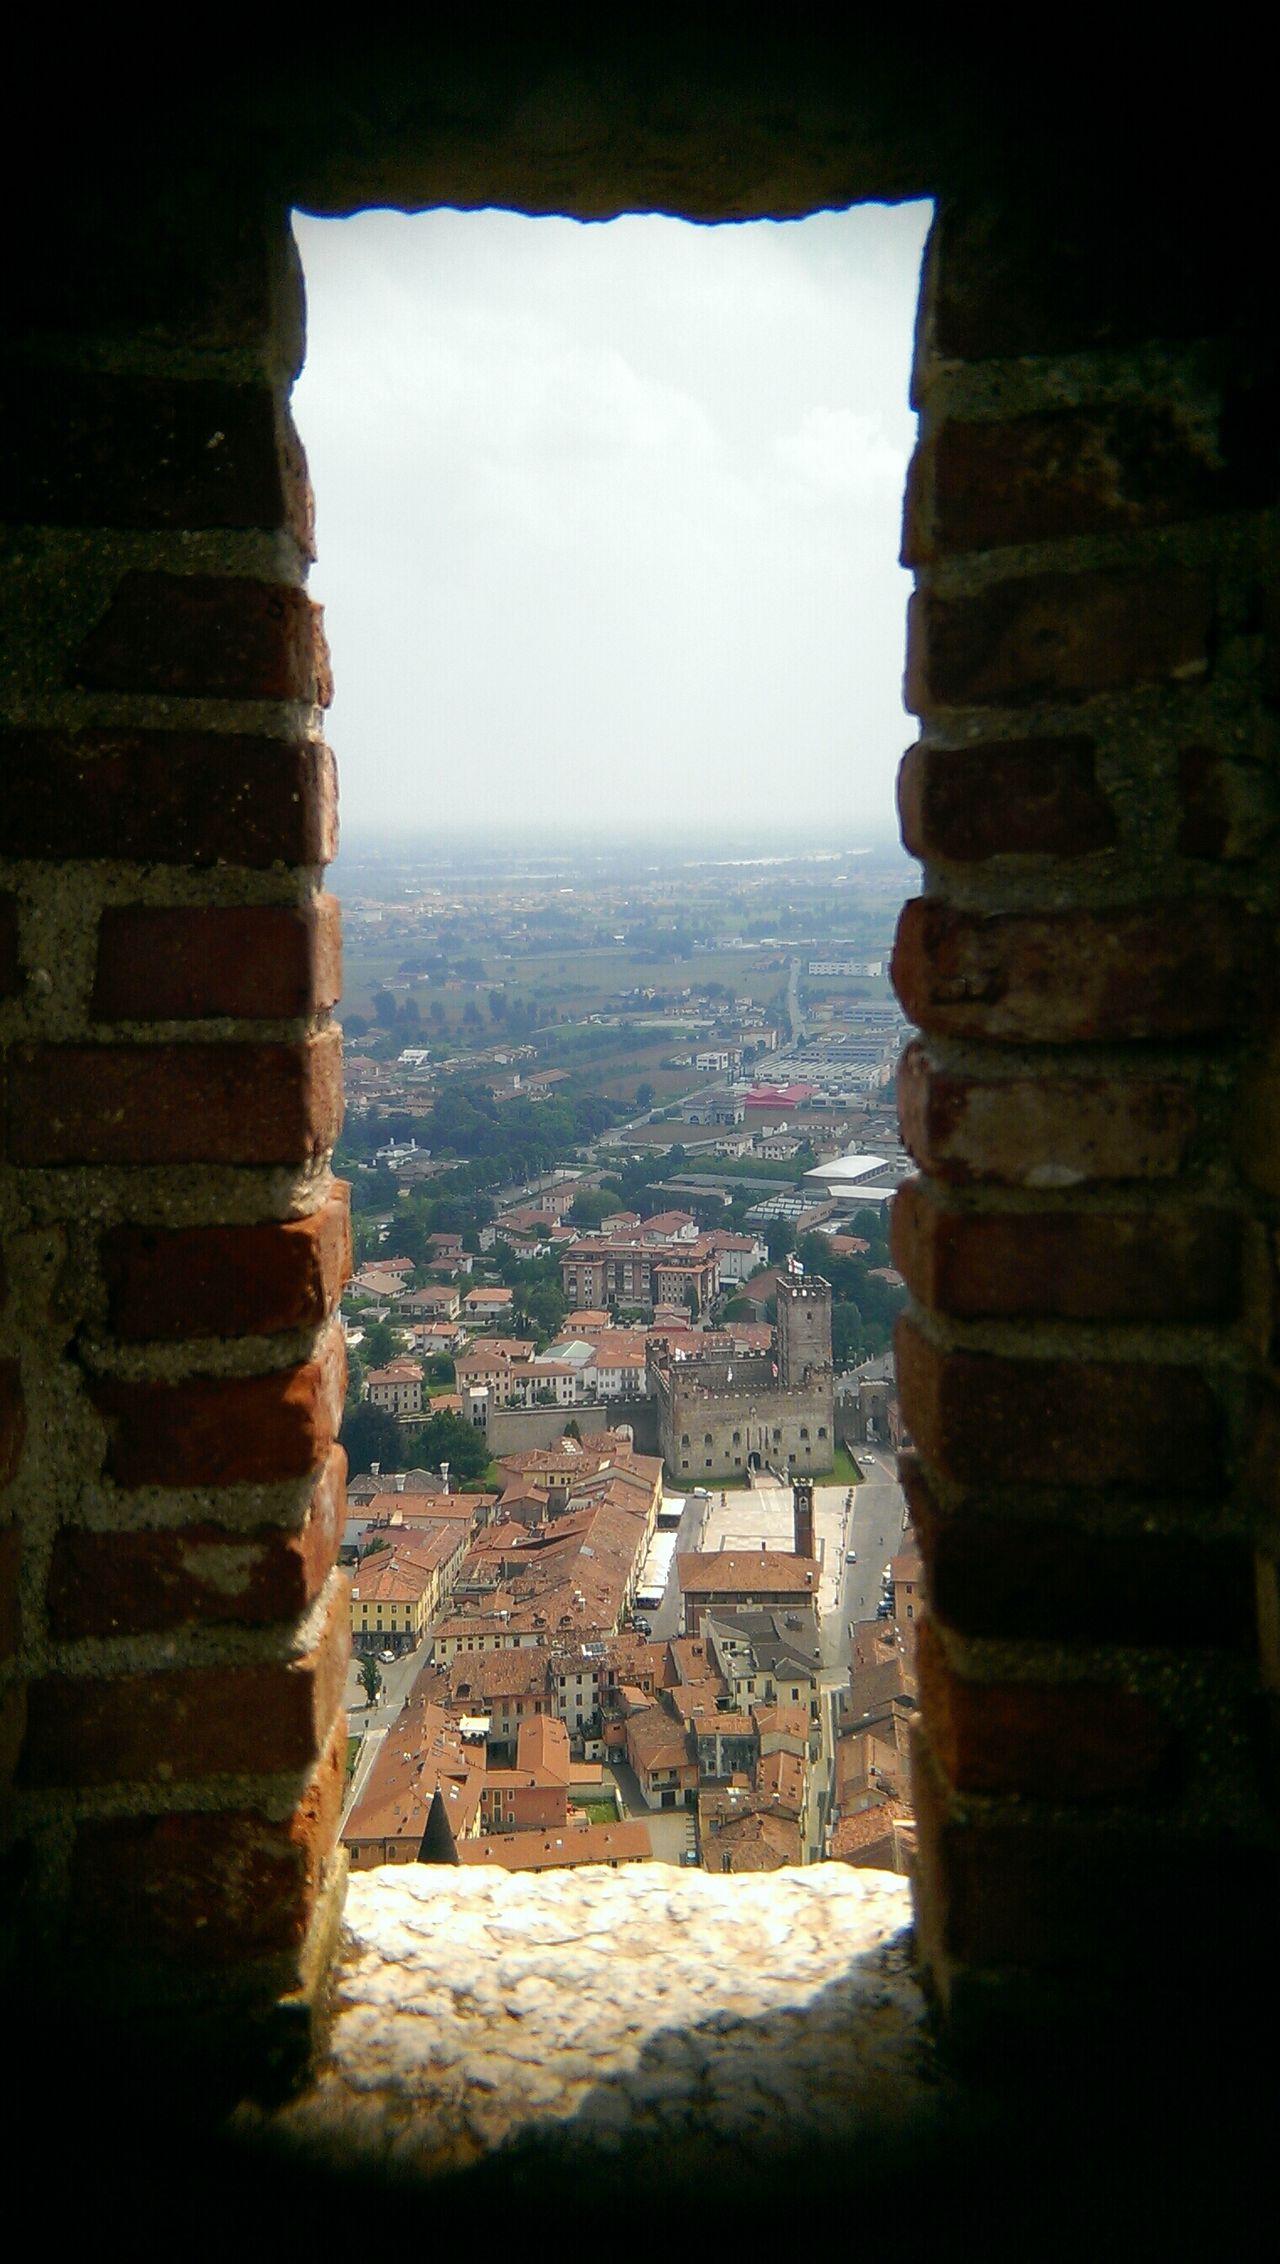 Castle 2 Castle. Castles Framing Viewpoints Bricks